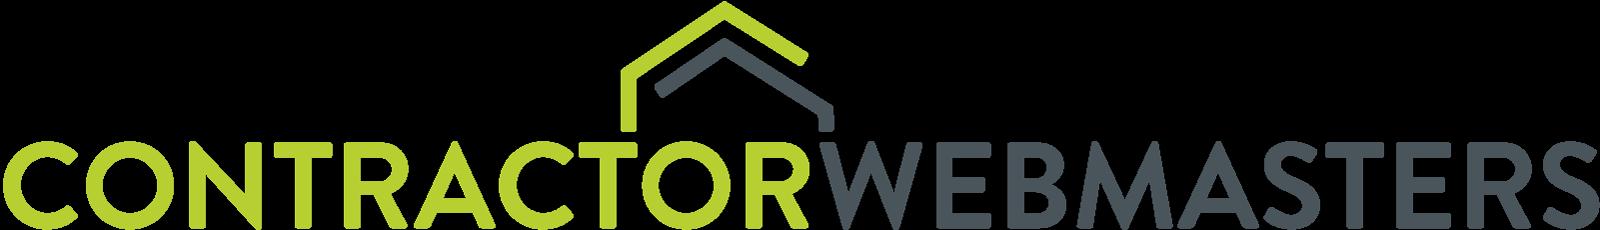 Contractor Webmasters Logo Alternate